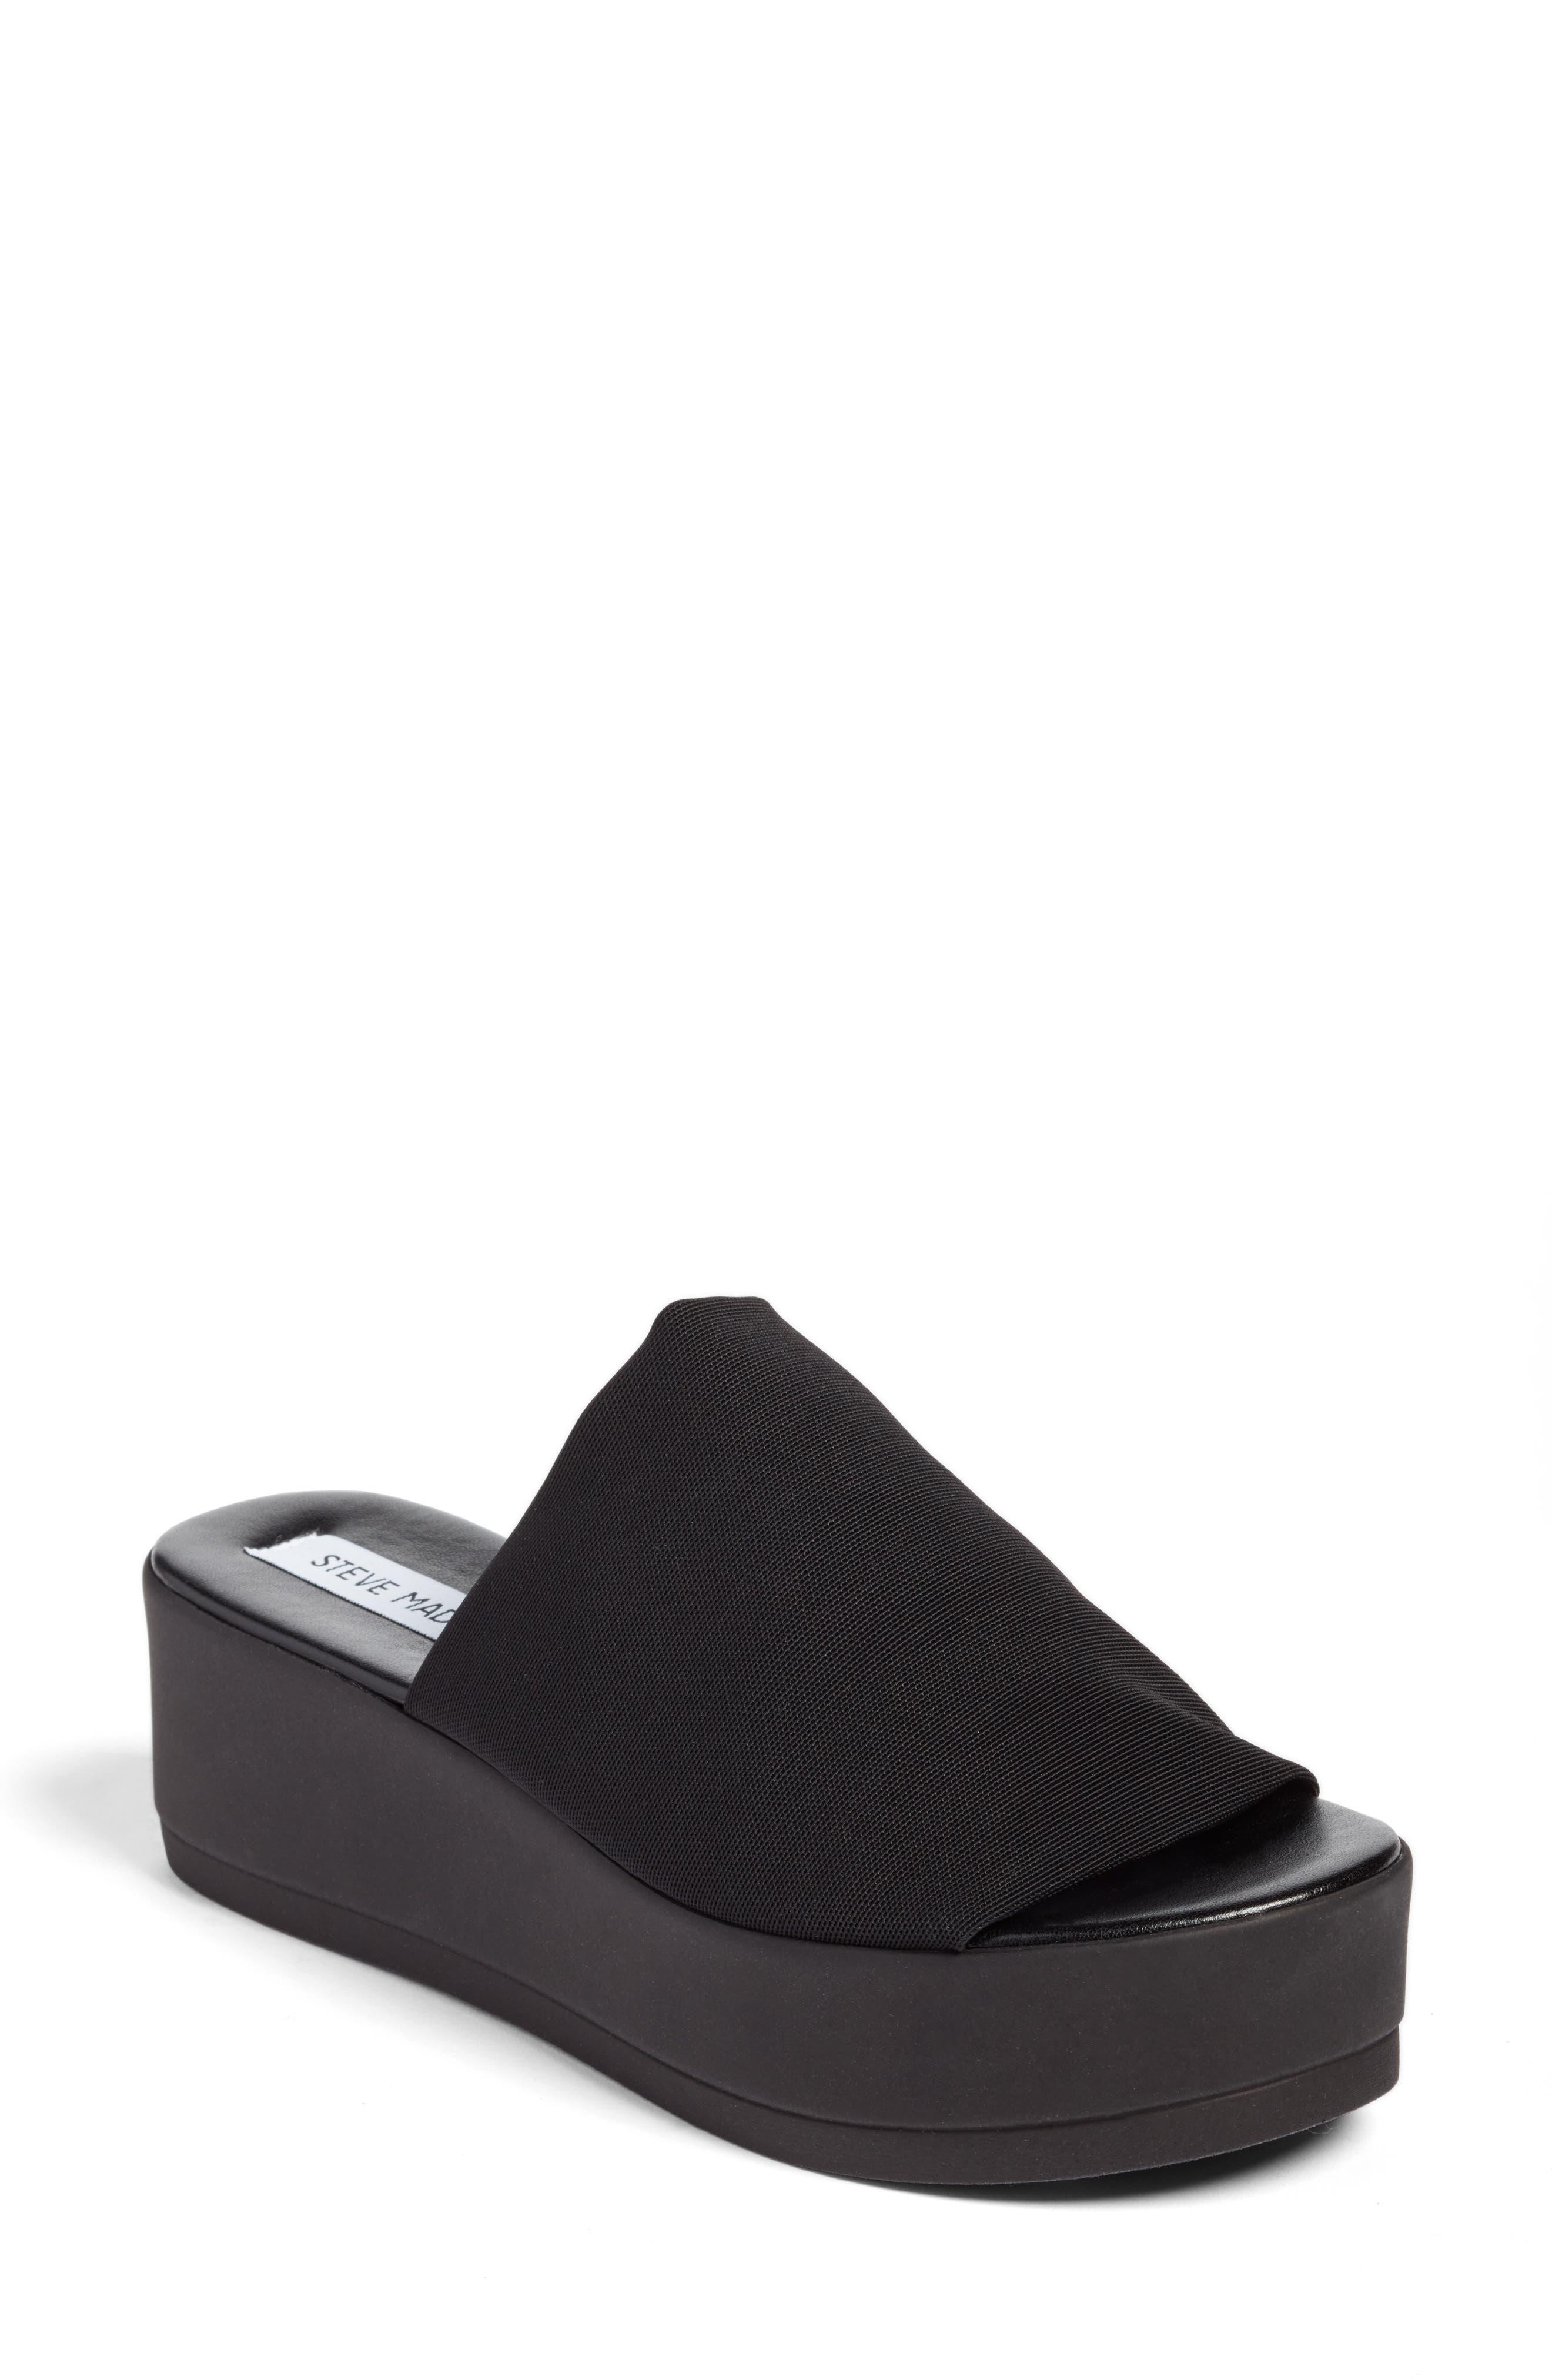 Slinky Platform Sandal,                         Main,                         color, Black